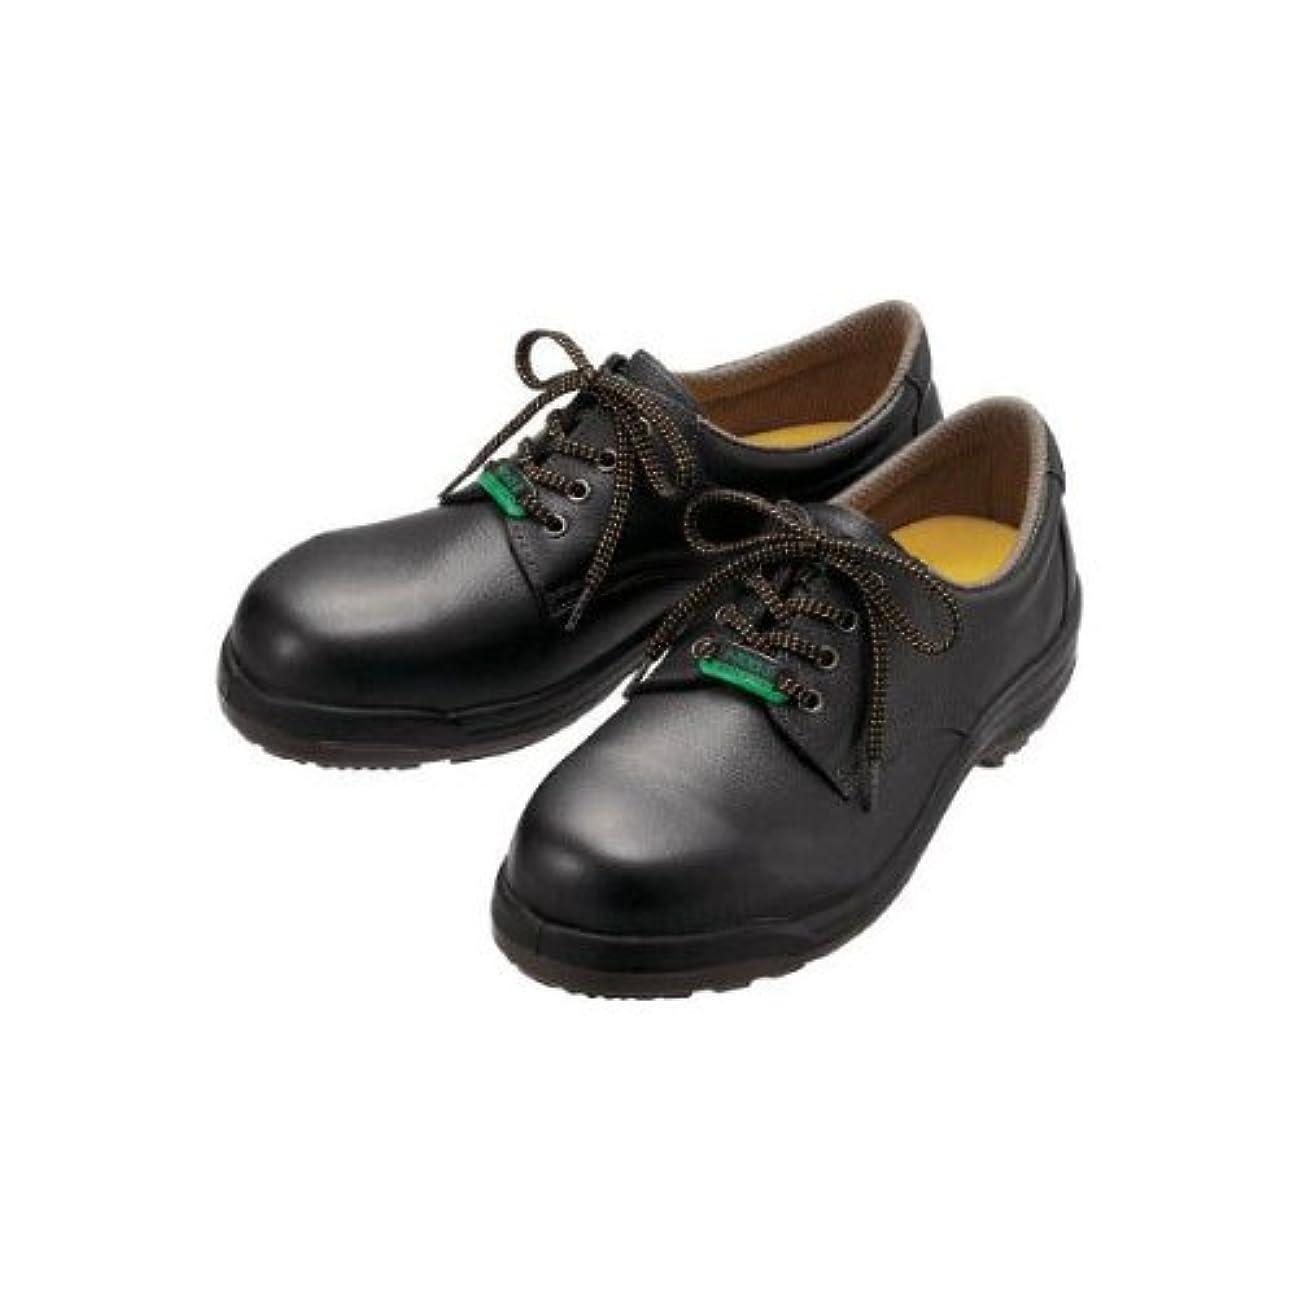 疾患不平を言う許可ミドリ安全 小指保護先芯入り 静電安全靴23.5CM PCF210S23.5